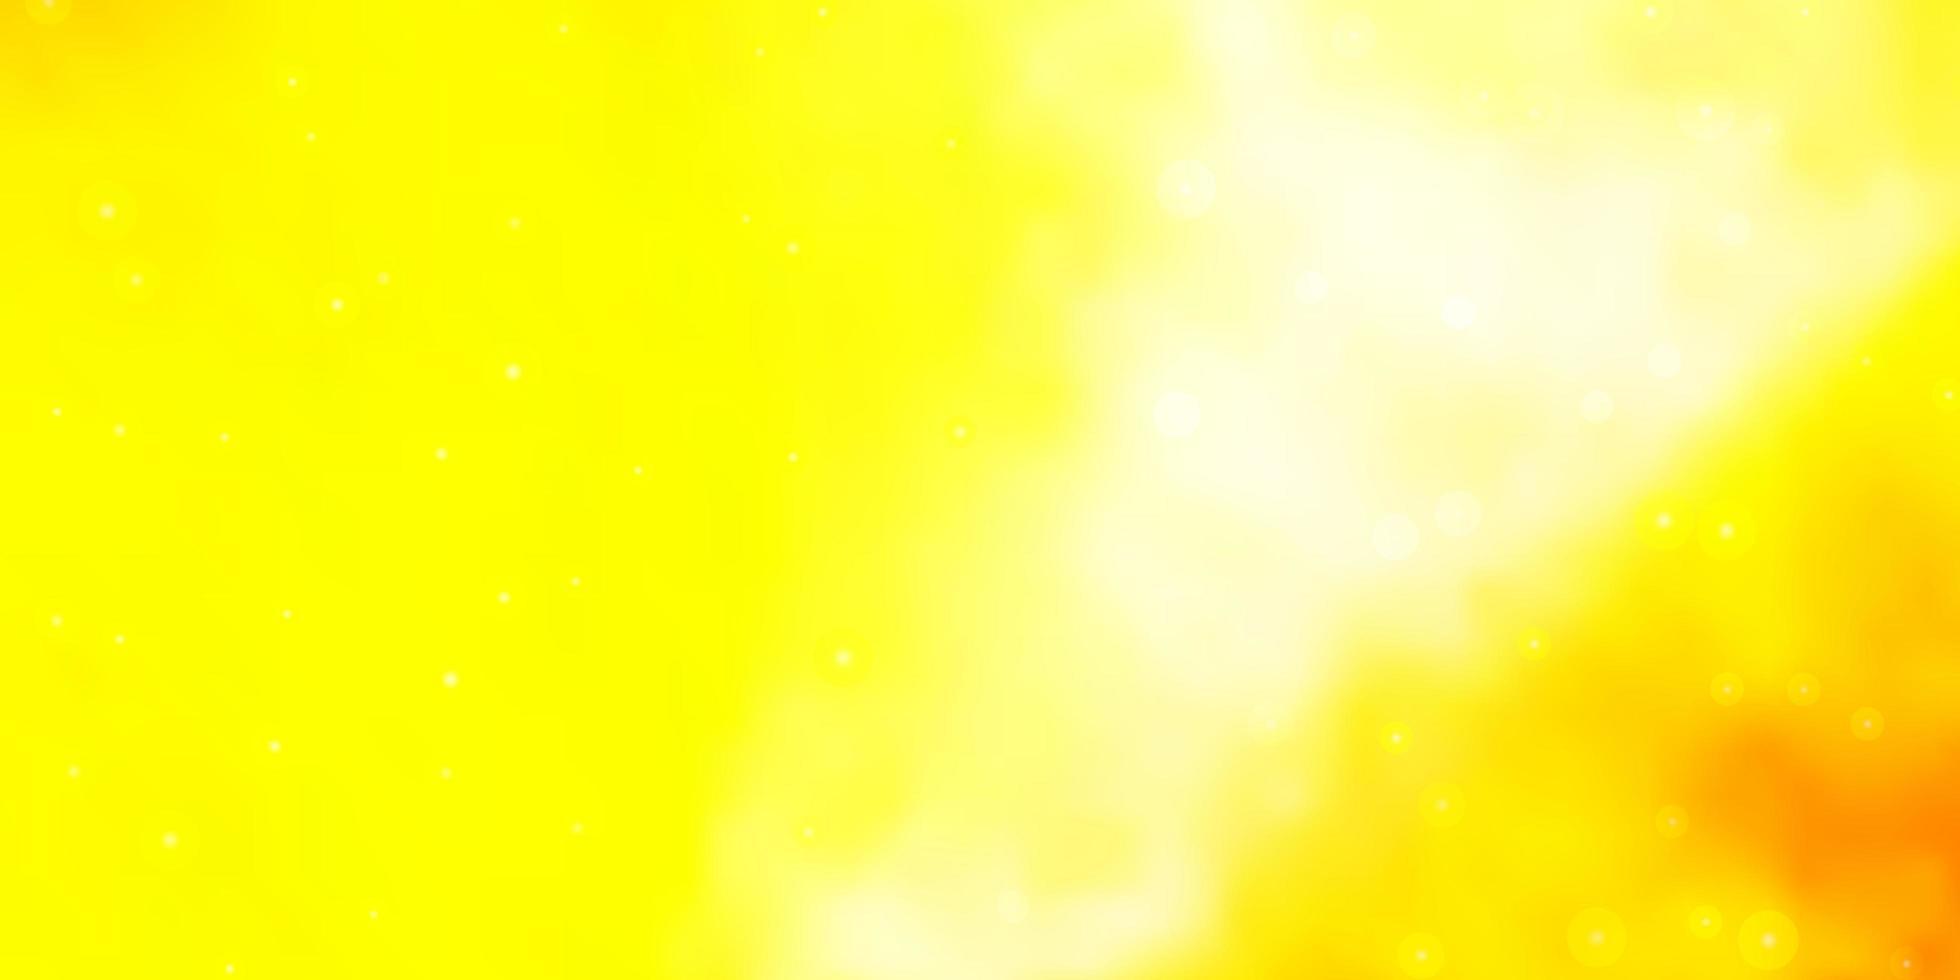 mörk gul vektor bakgrund med små och stora stjärnor.